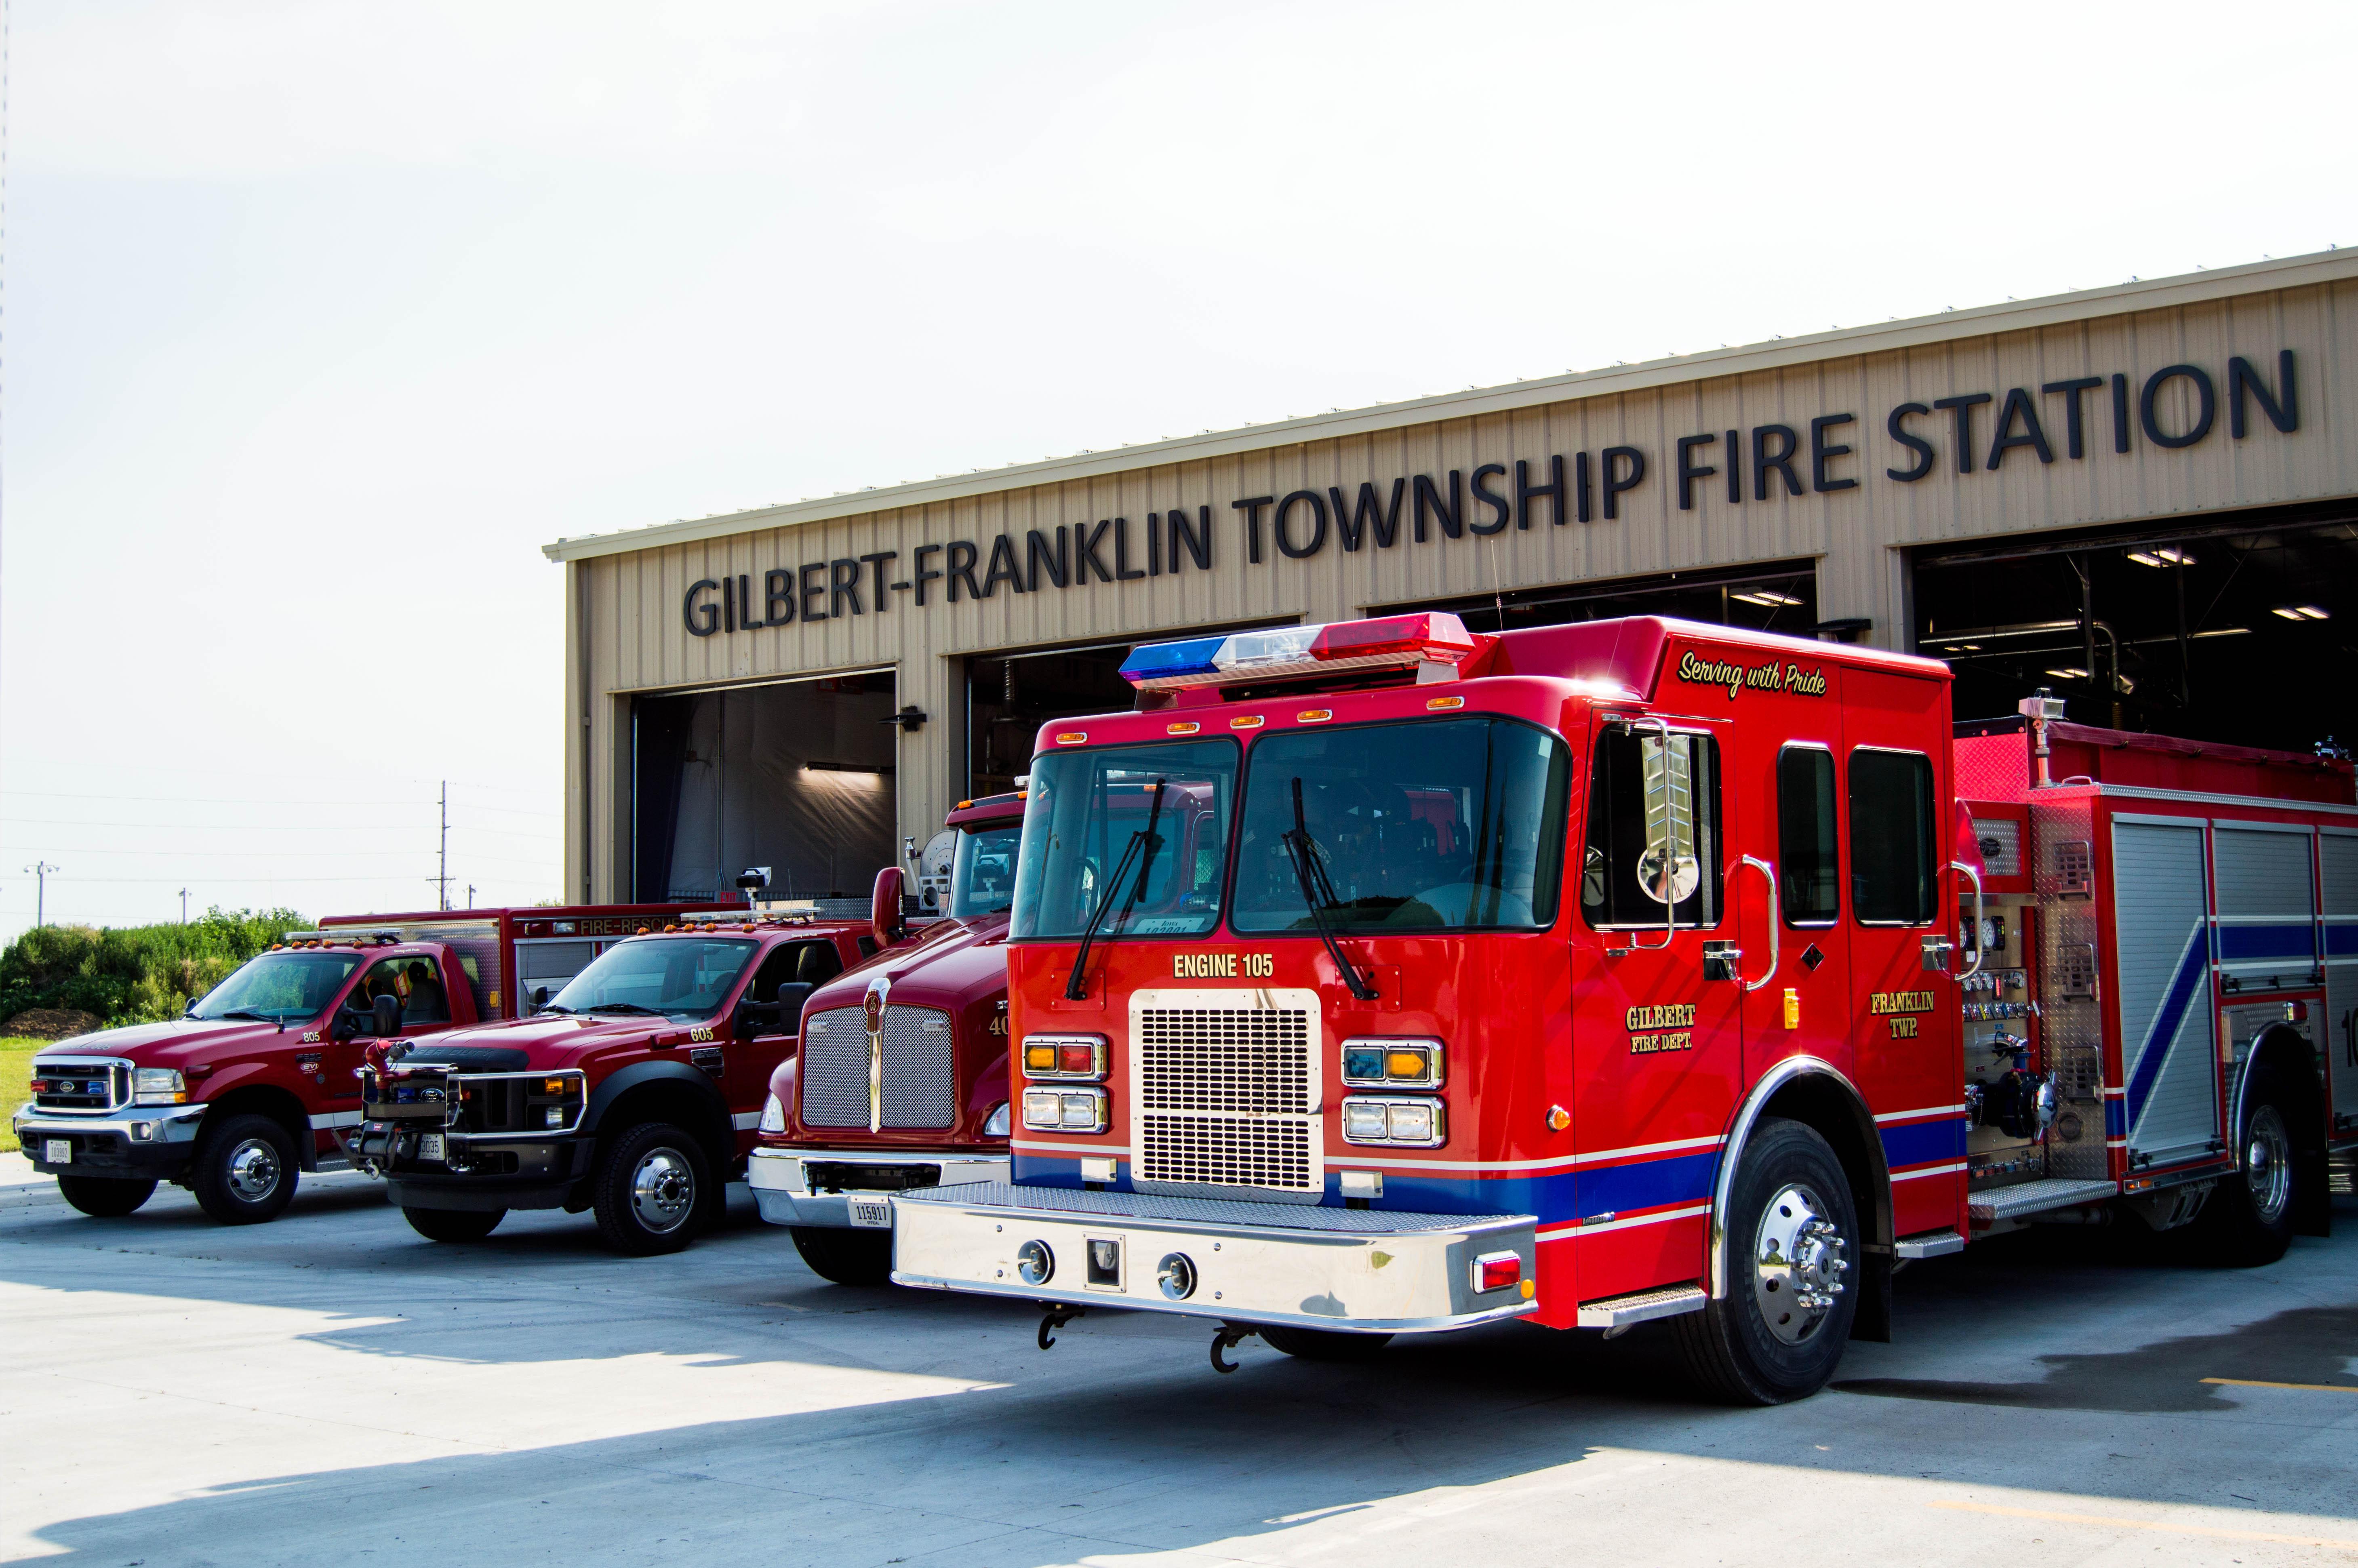 GILBERT- FRANKLIN FIRE STATION